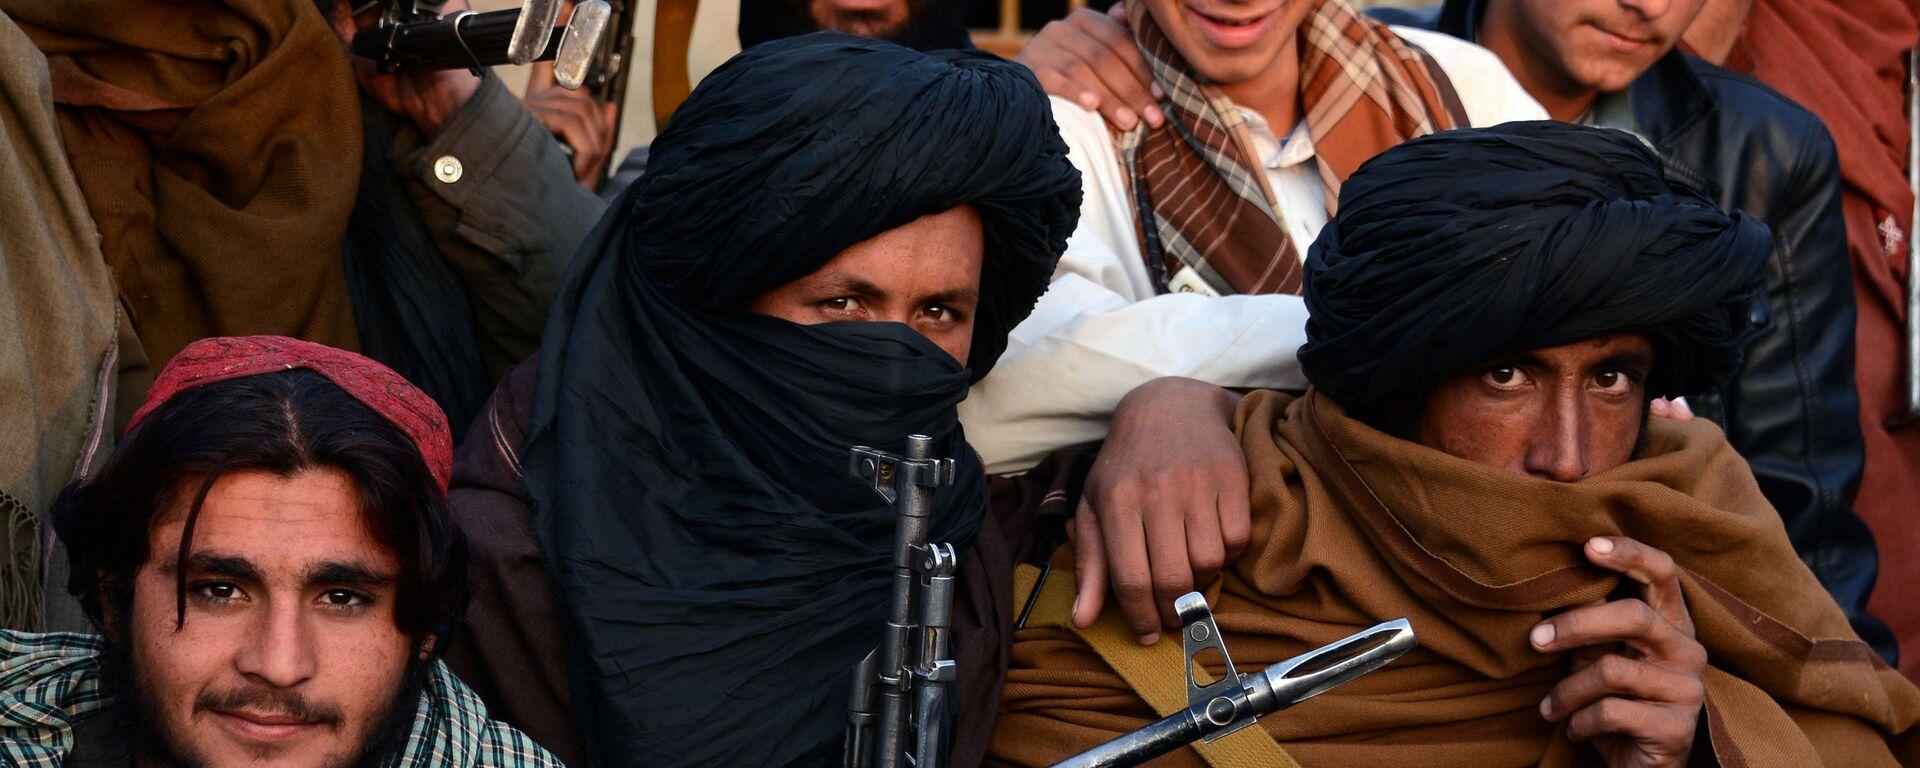 Členové hnutí Tálibán v provincii Farah (archivní foto) - Sputnik Česká republika, 1920, 05.09.2021